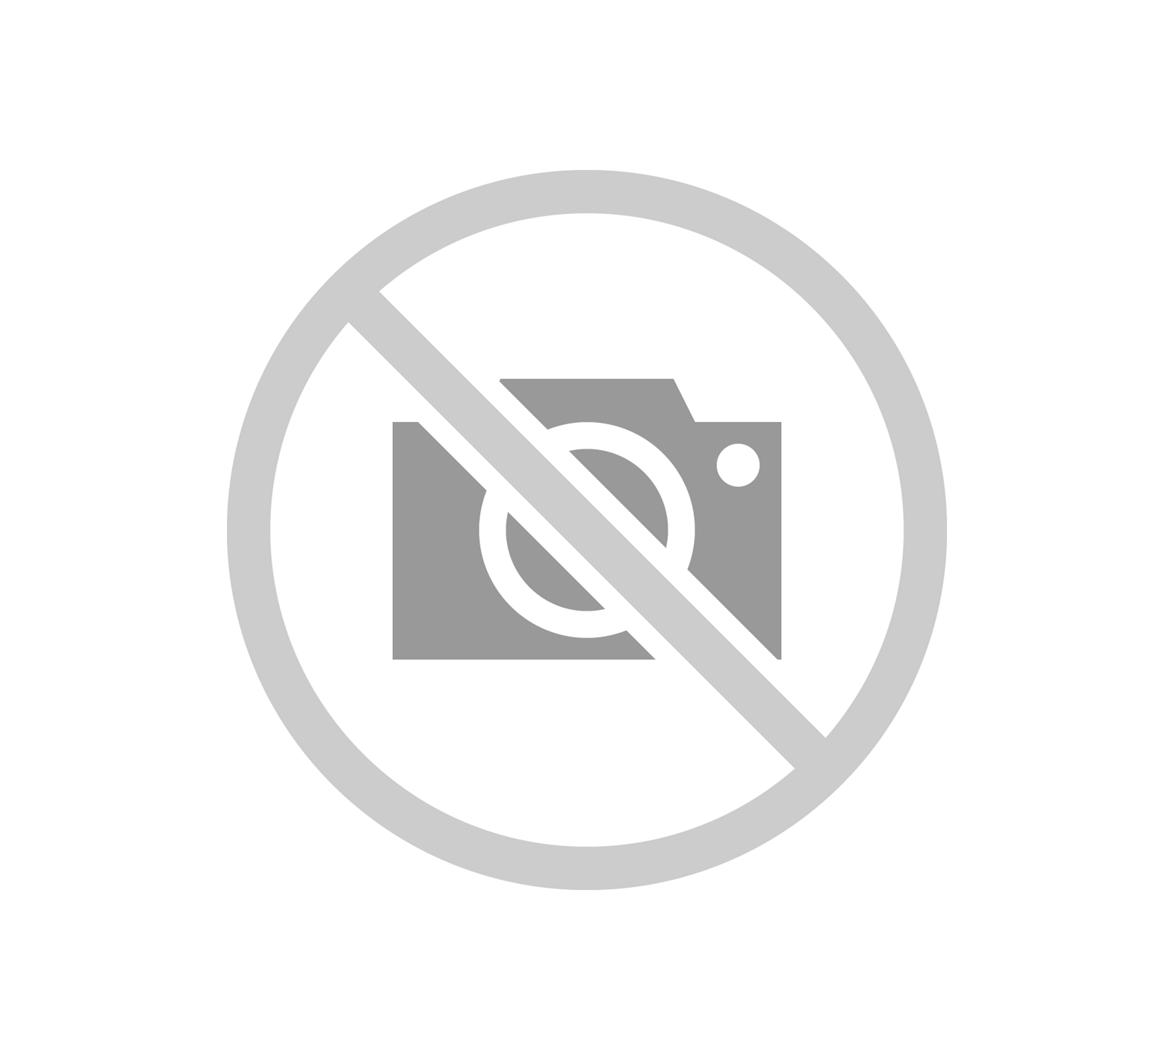 Pohovka SCANDI trojsed cover 61 růžová